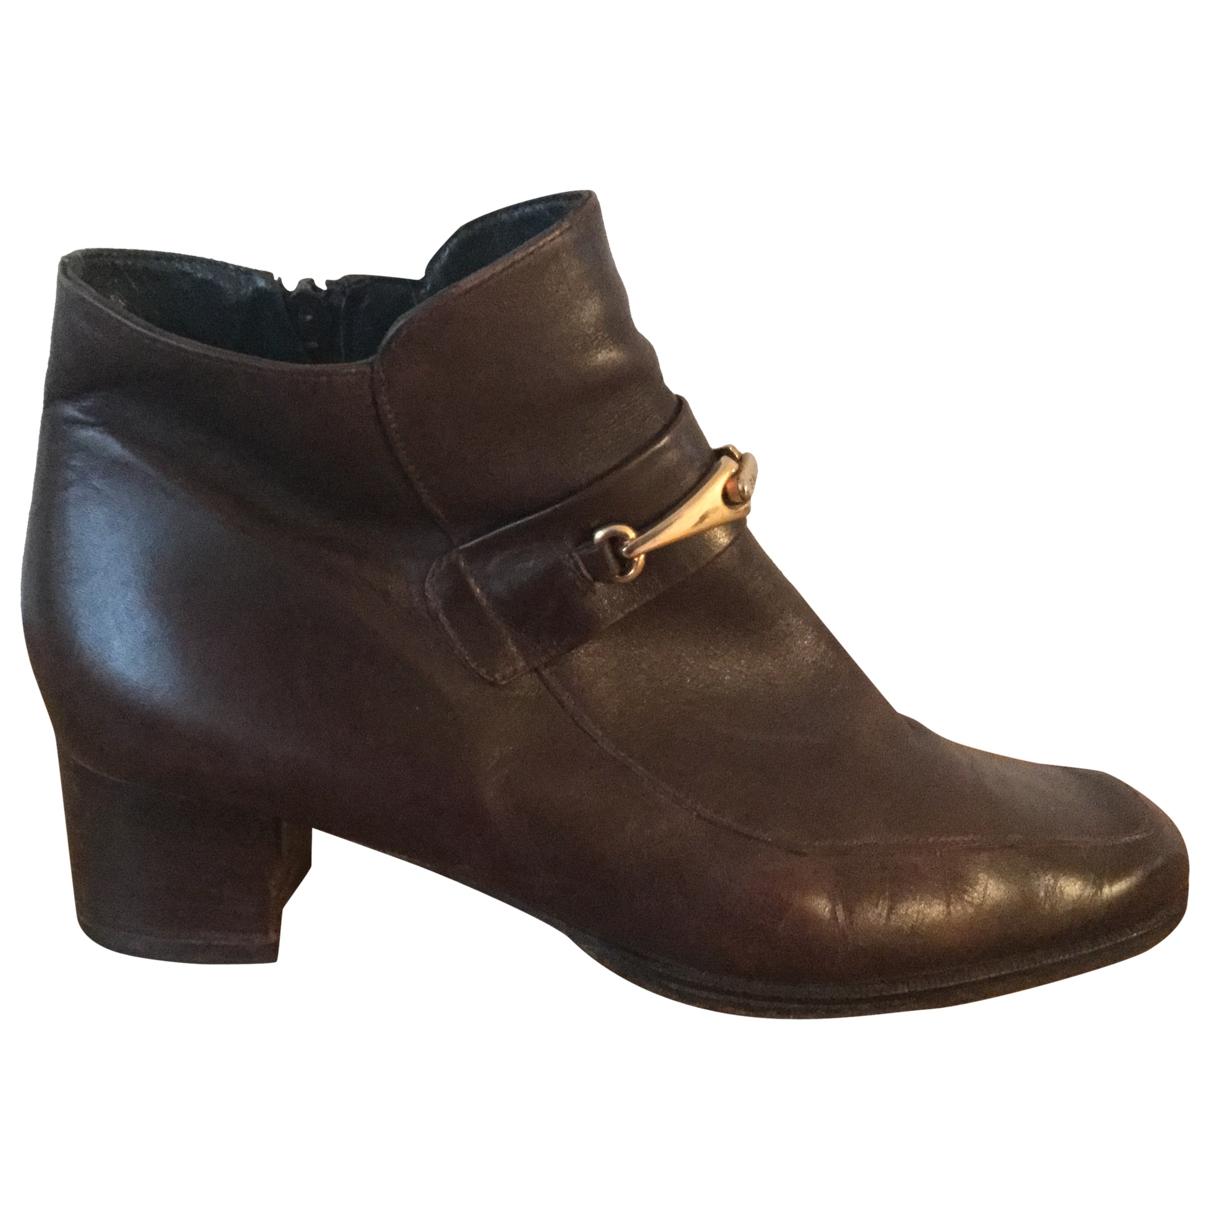 Bally - Boots   pour femme en cuir - marron